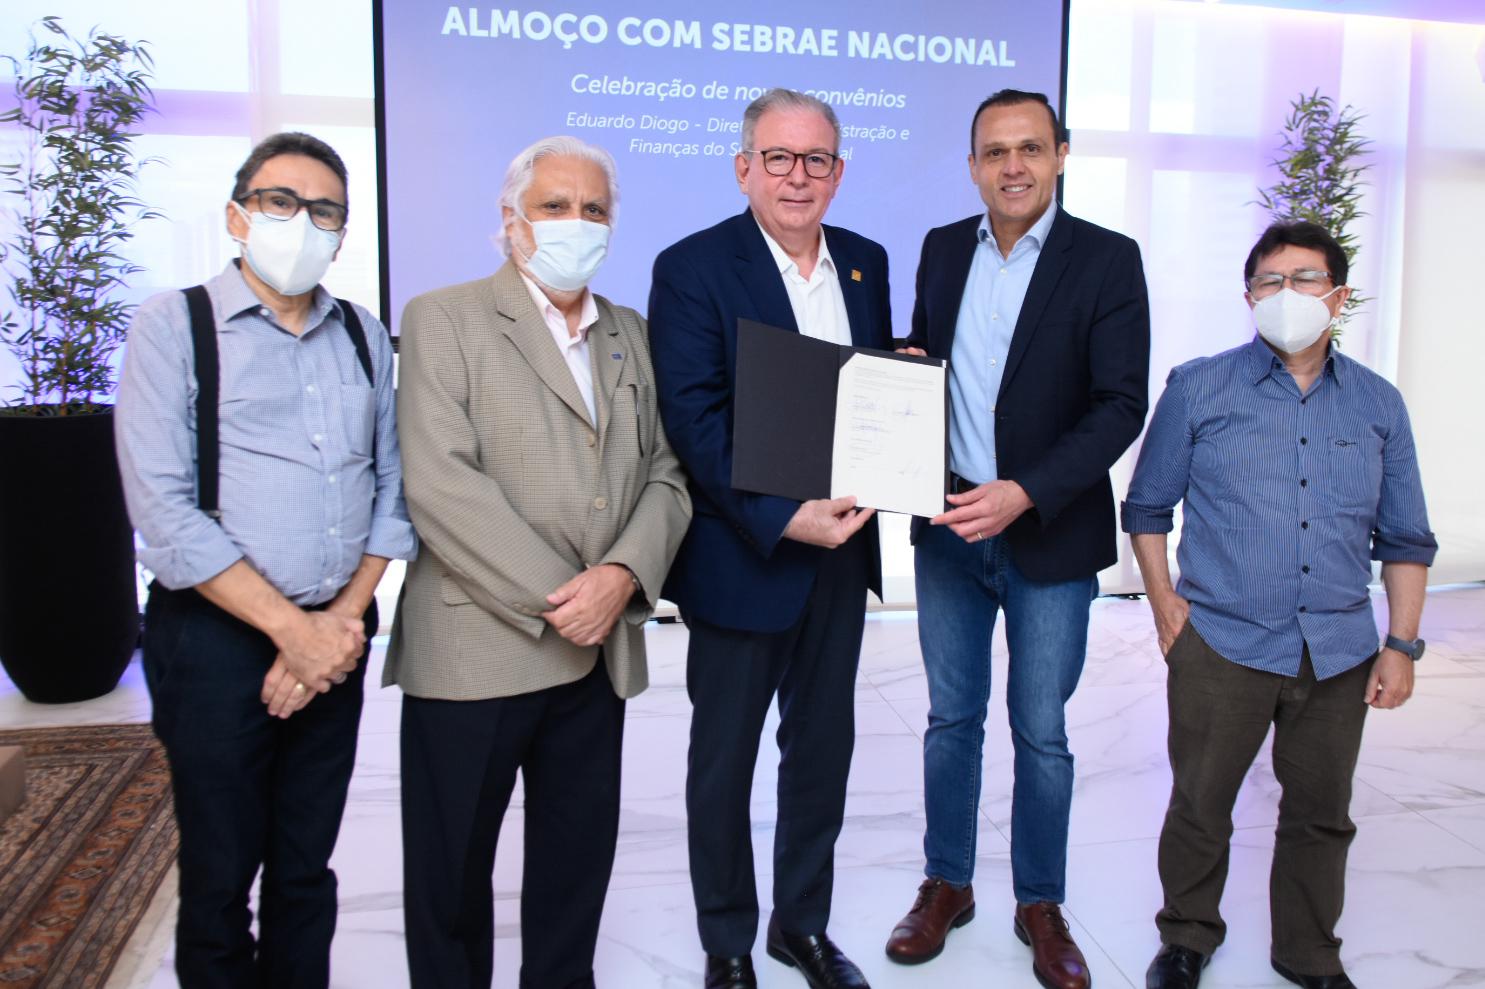 Assinatura do Convênio para Novos Projetos com o Sebrae